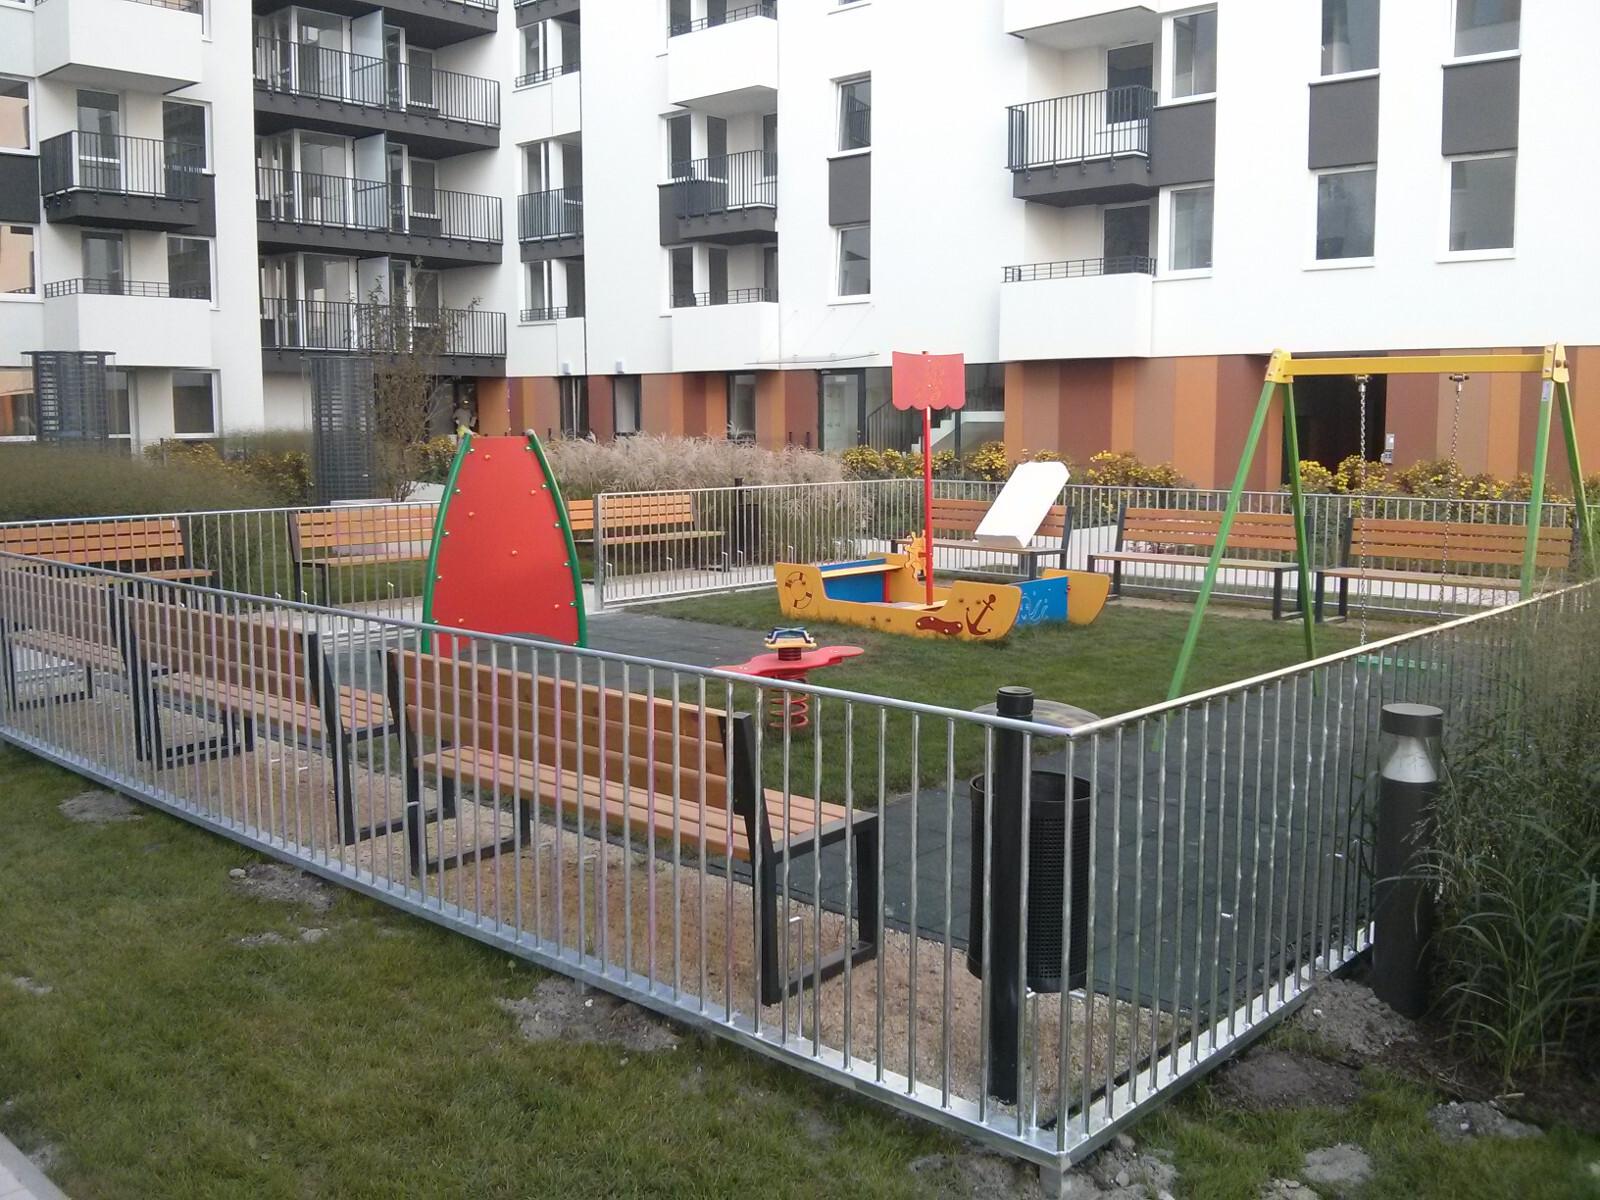 Plac zabaw przy inwestycji Orlińskiego 6 w Krakowie